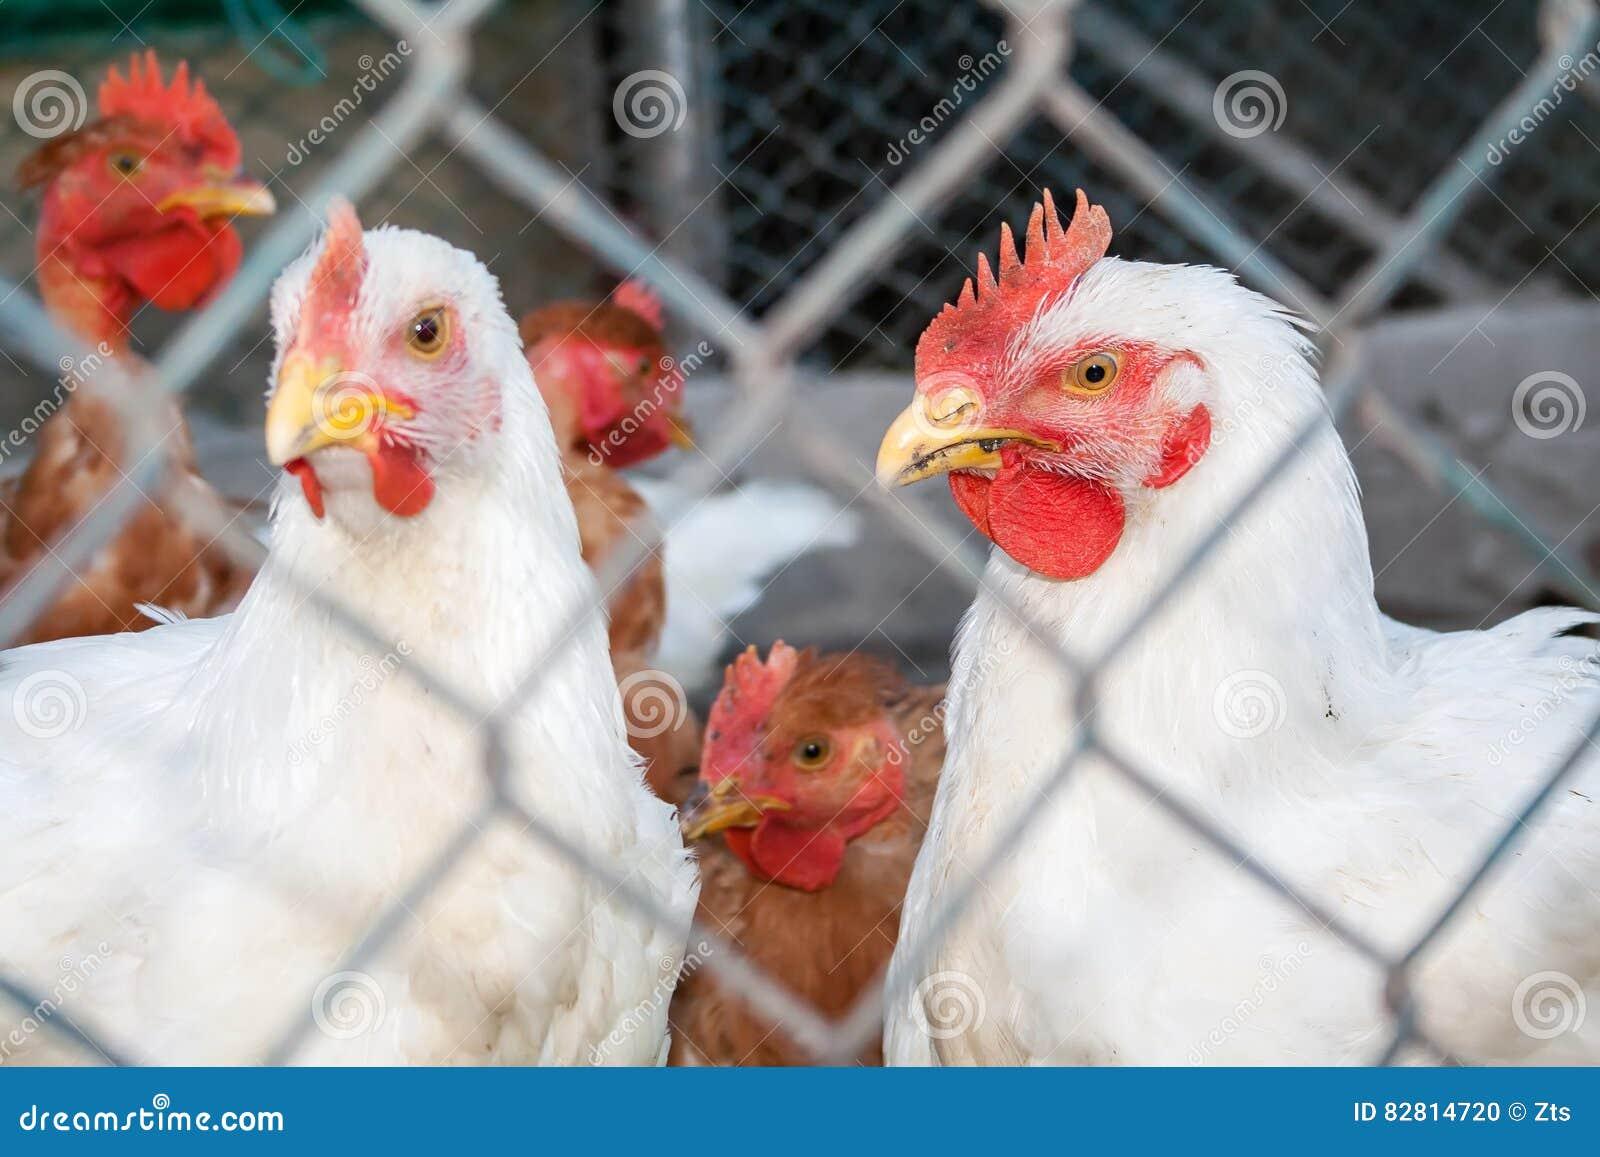 Dos pollos o gallinas blancos